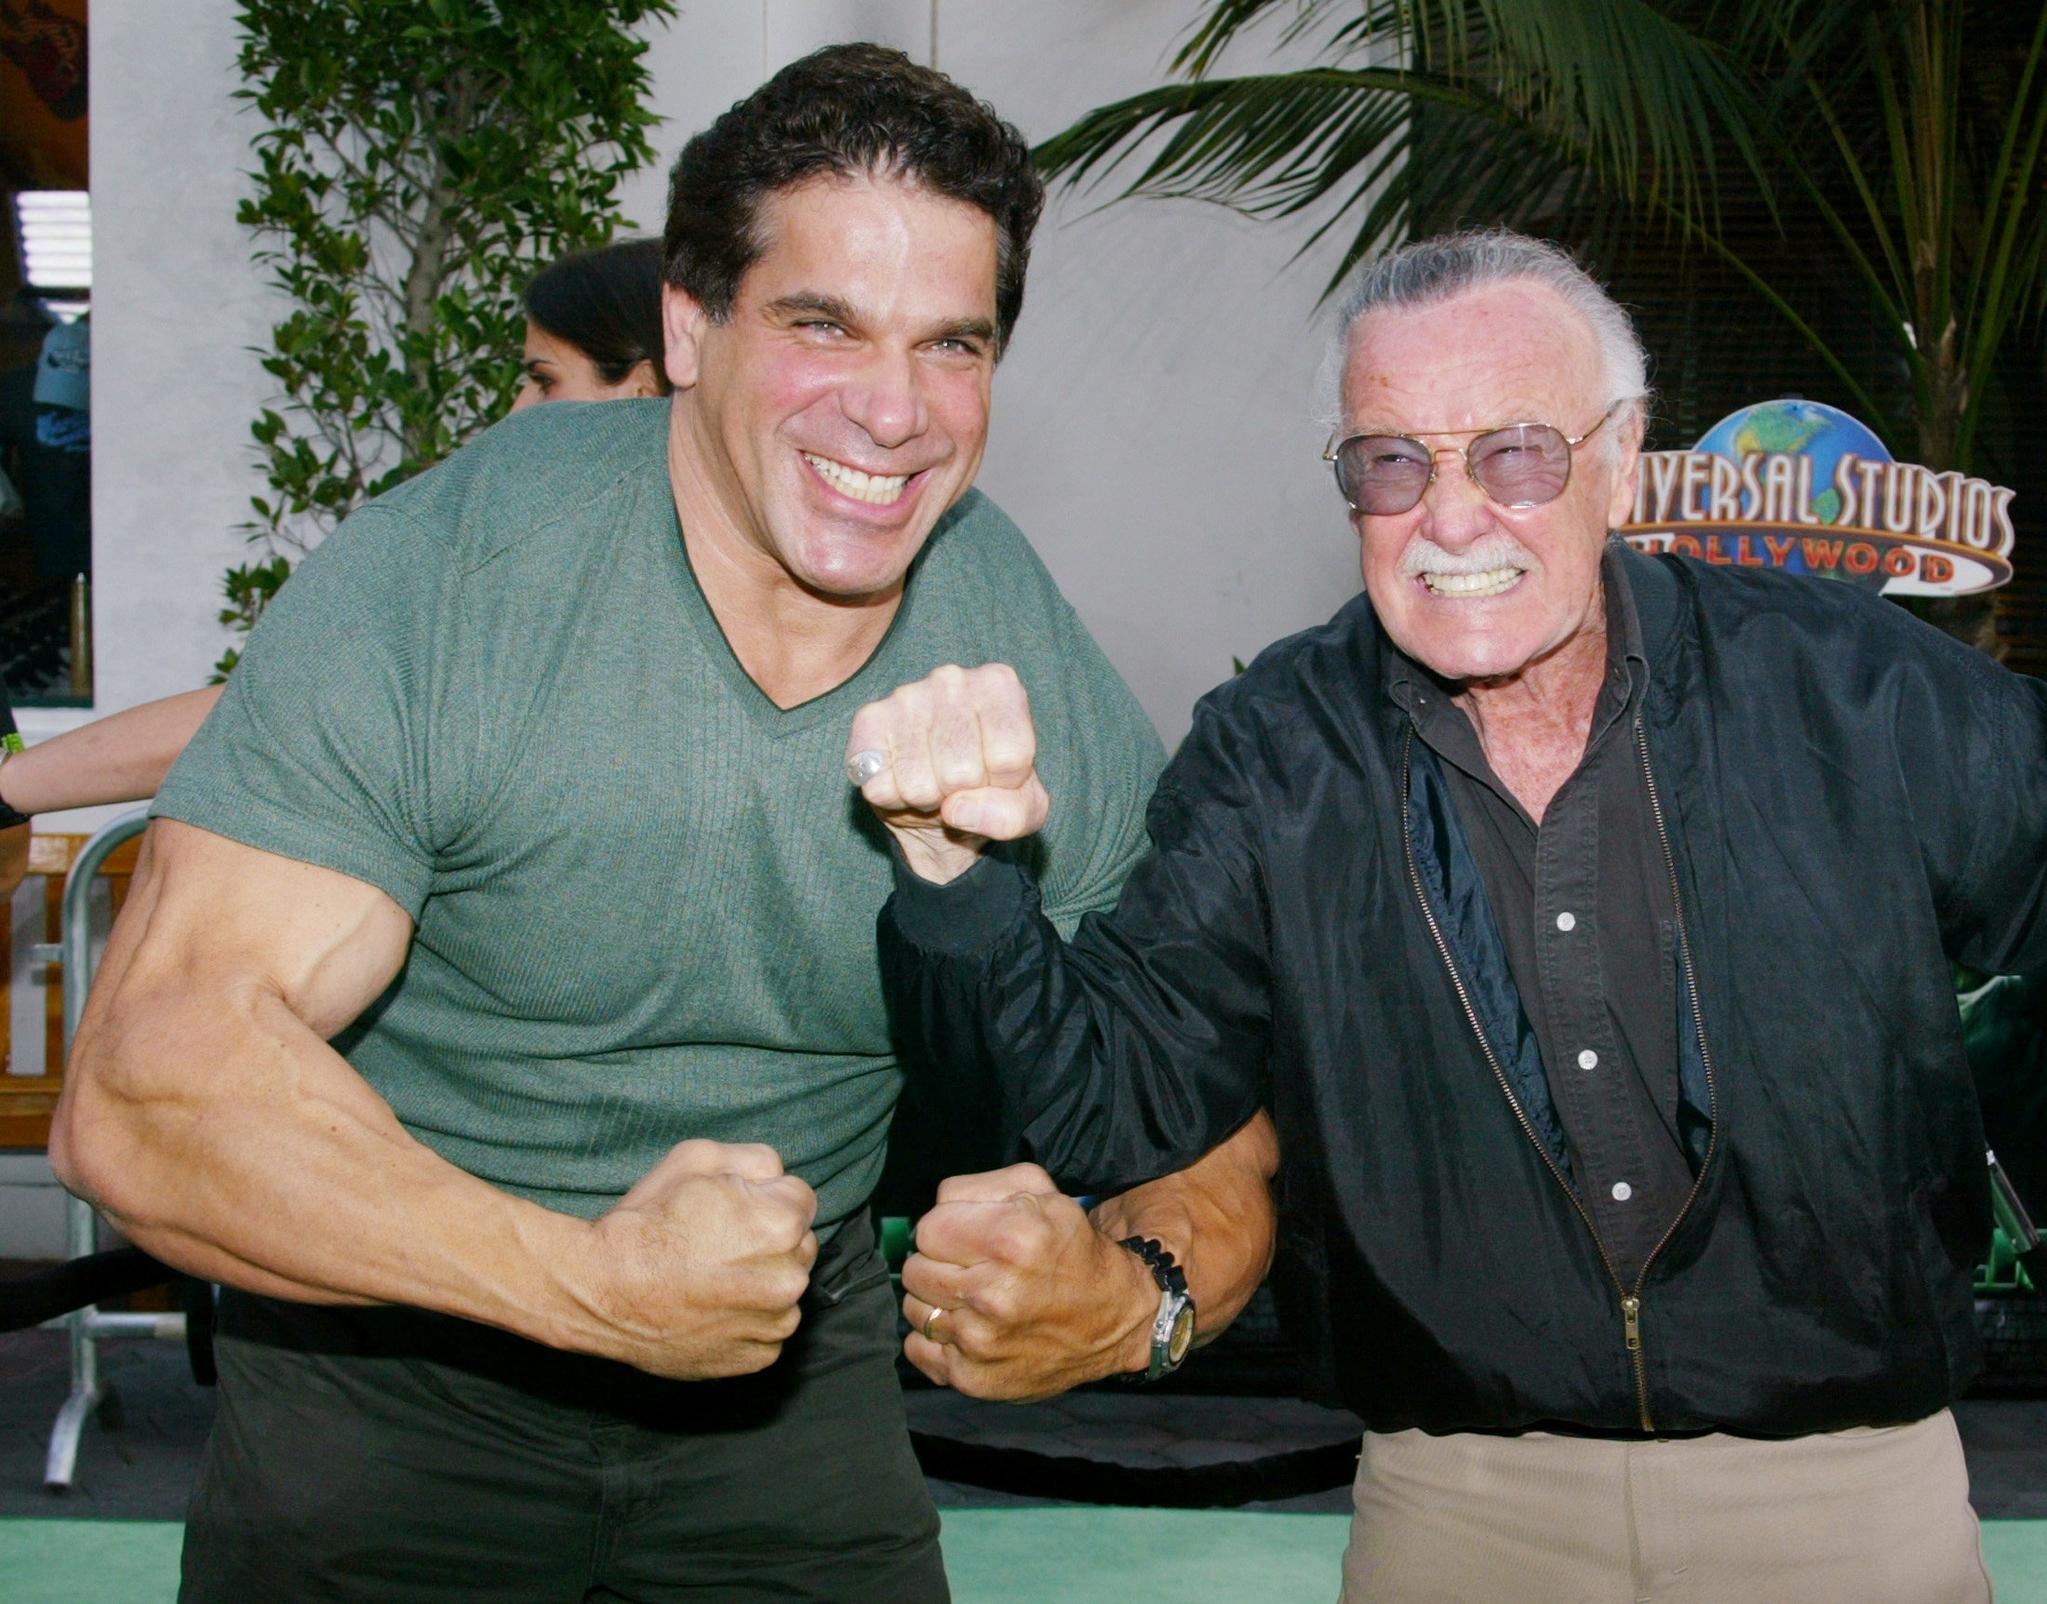 지난 2003년 촬영했던 헐크의 주인공 루 페리그노(왼쪽)과 스탠 리가 헐크 포즈를 하며 사진을 찍고 있다. [로이터=연합뉴스]